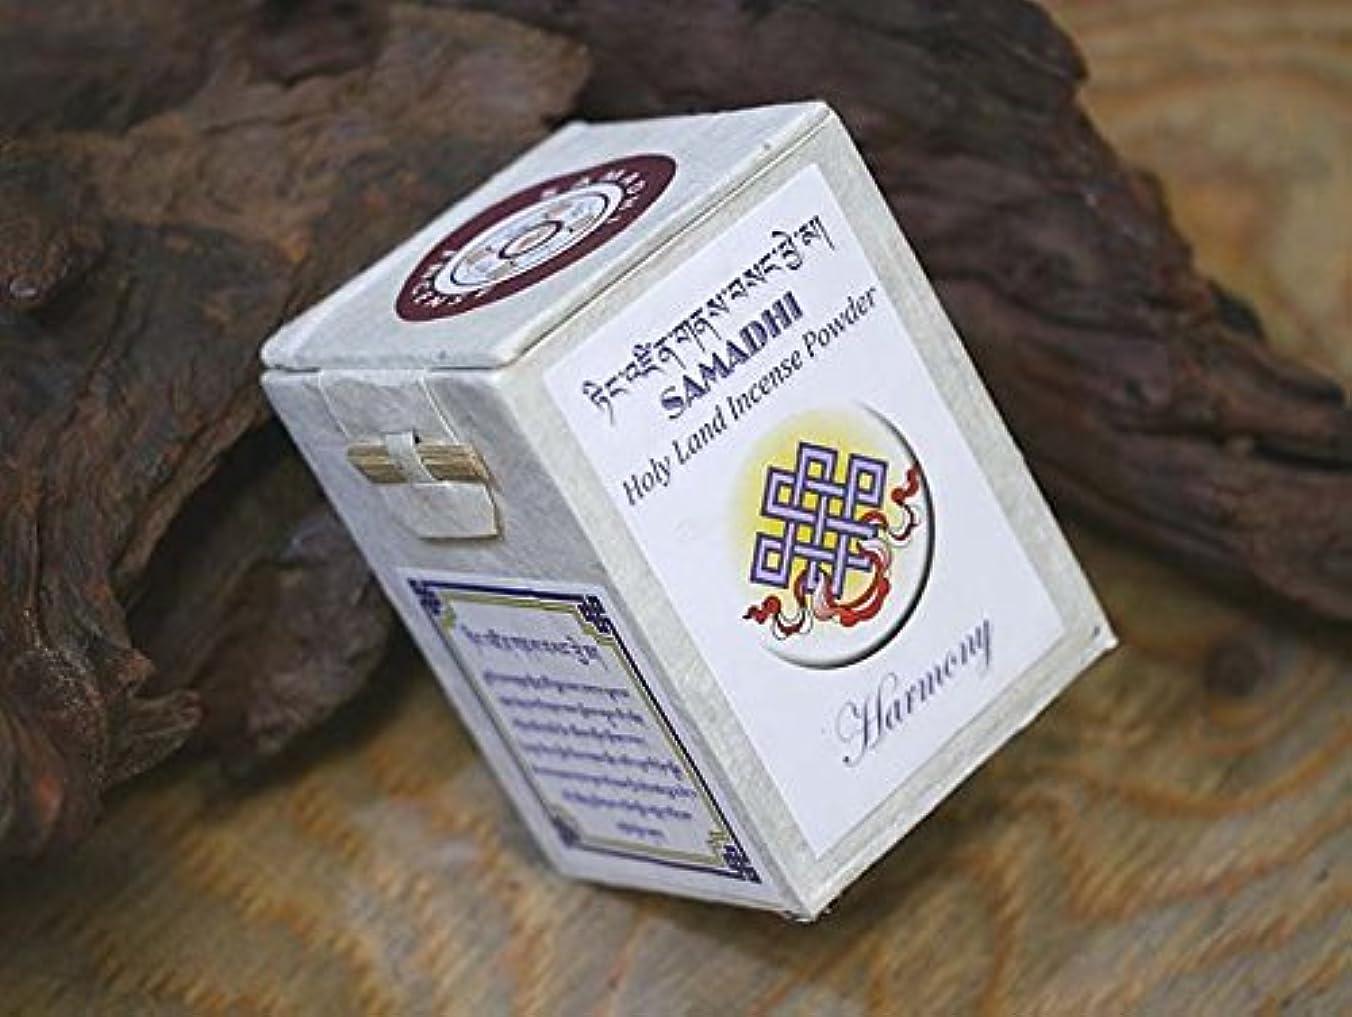 パリティジュース飢タルパチョリンナニー チベット仏教寺院タルパチョリンナニーのお香【SamadhiWhiteサマディホワイト パウダー香】